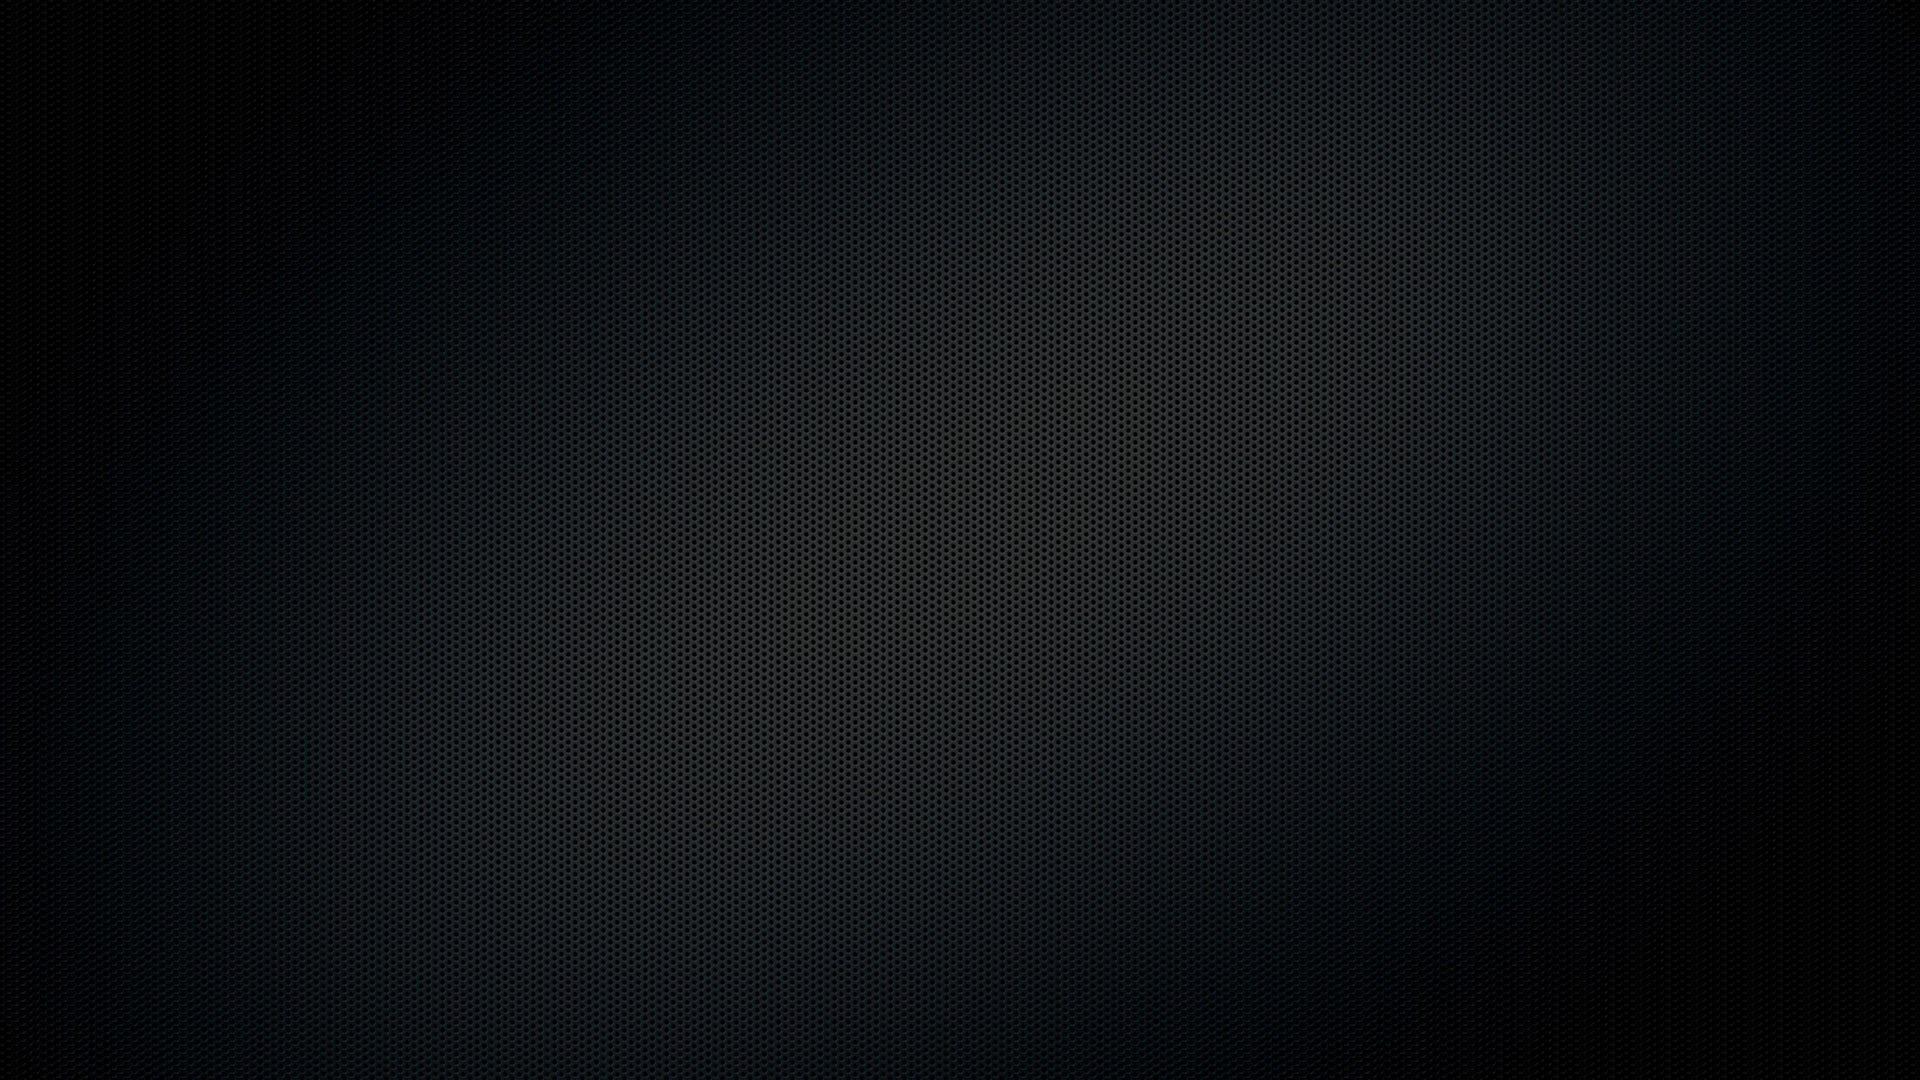 Black Hd Wallpaper 1920X1080 3 Background  Hdblackwallpaper.com